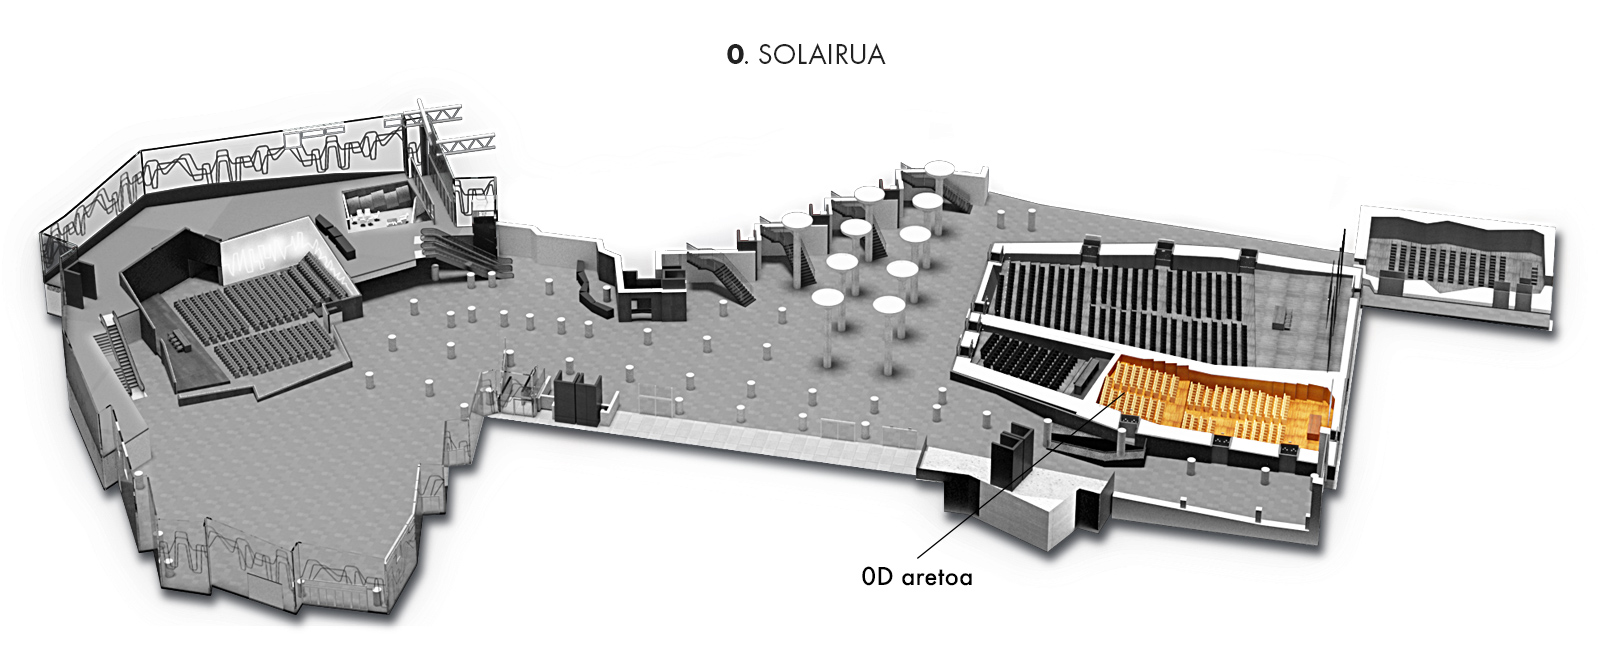 0D aretoa, 0. solairua   Palacio Euskalduna Jauregia